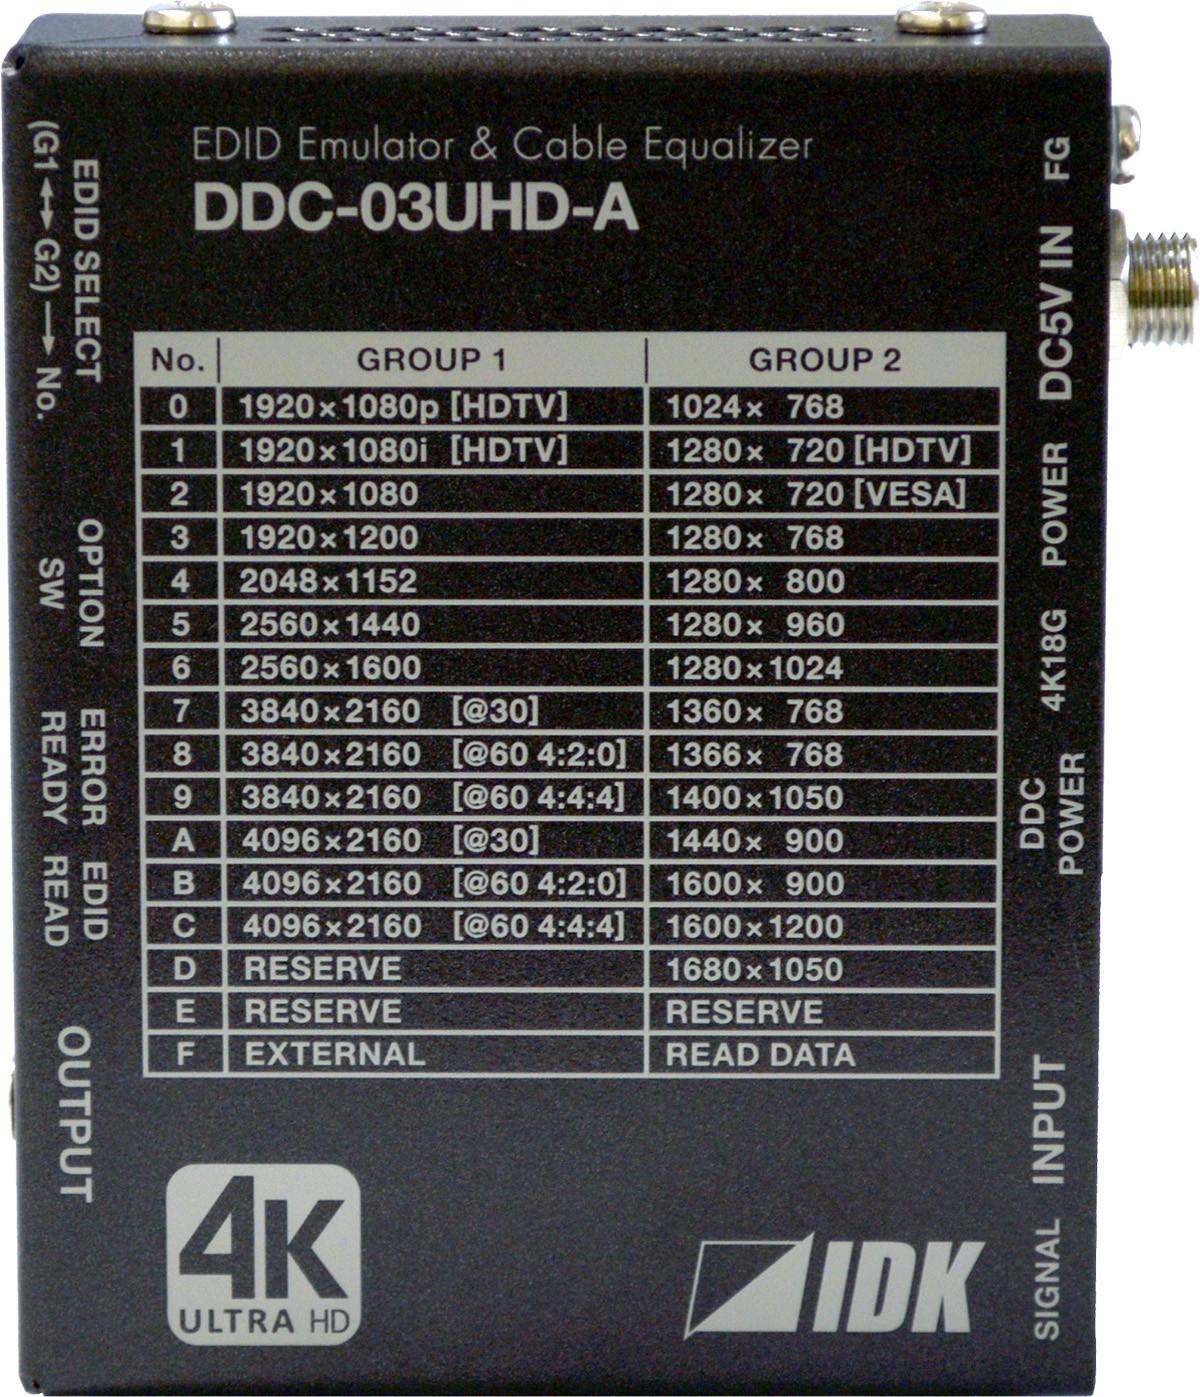 DDC-03UHD